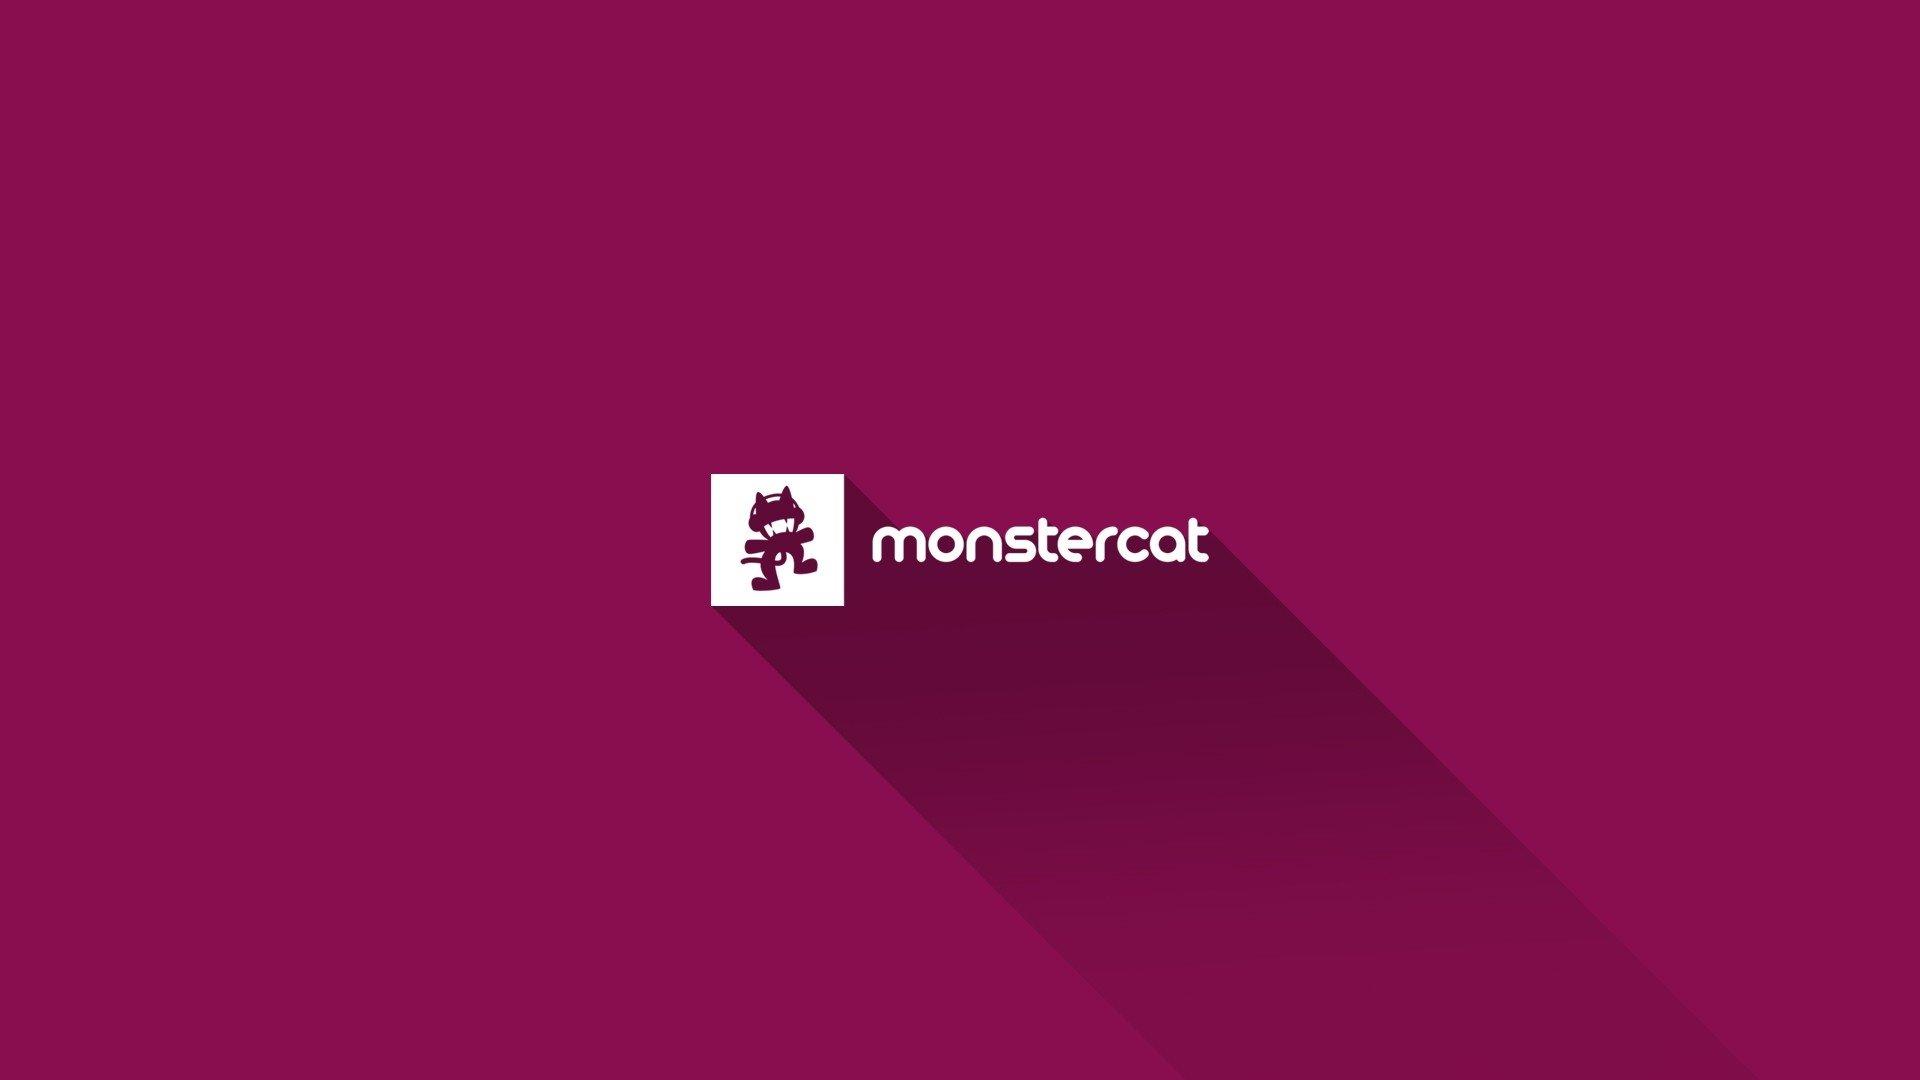 Monstercat computer wallpapers desktop backgrounds 1920x1080 id - Wallpaper Id 694843